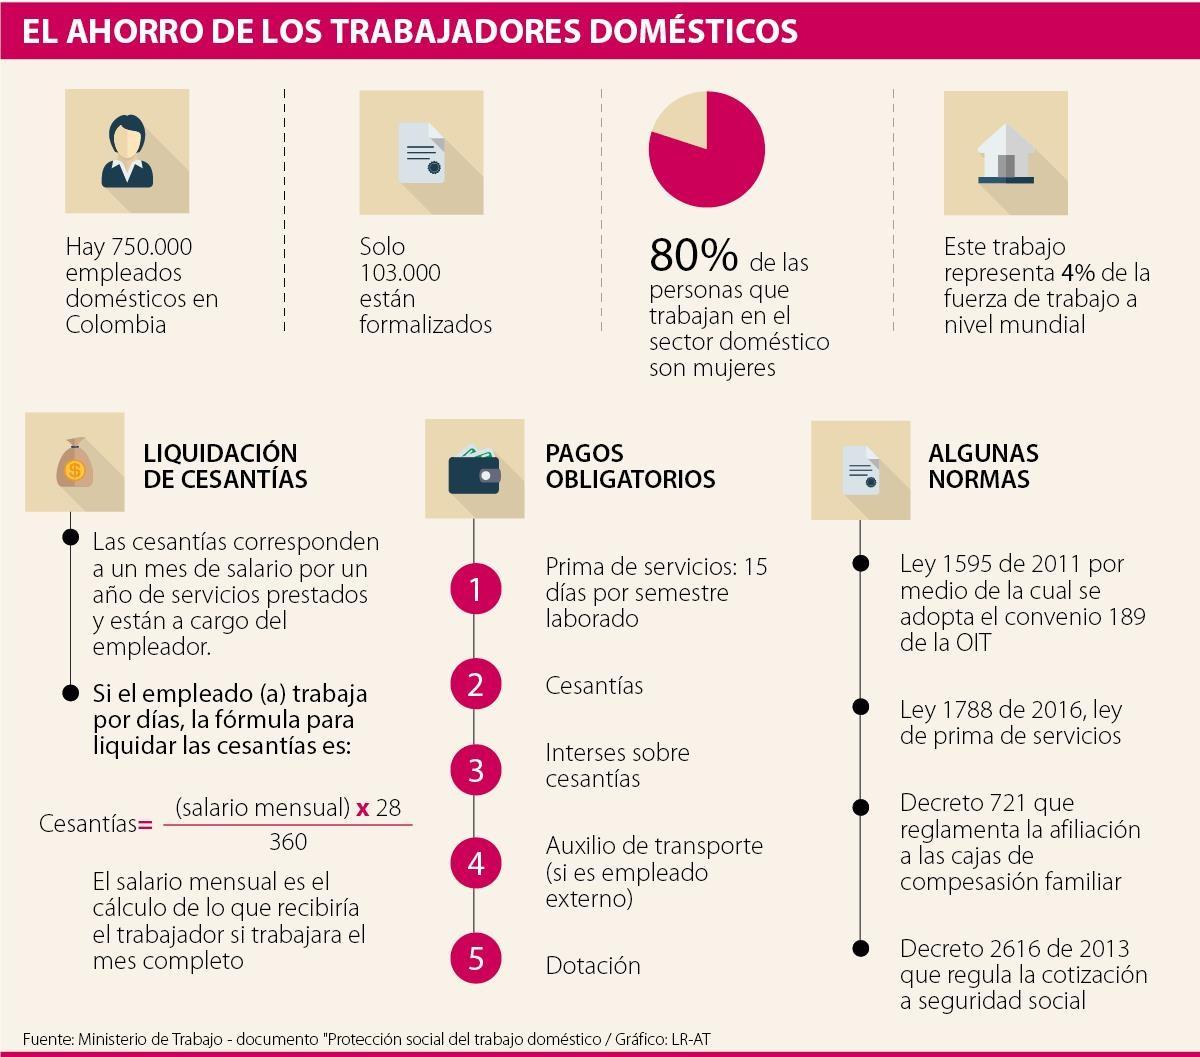 C Mo Liquidar El Personal Dom Stico Y Evitar Sanciones